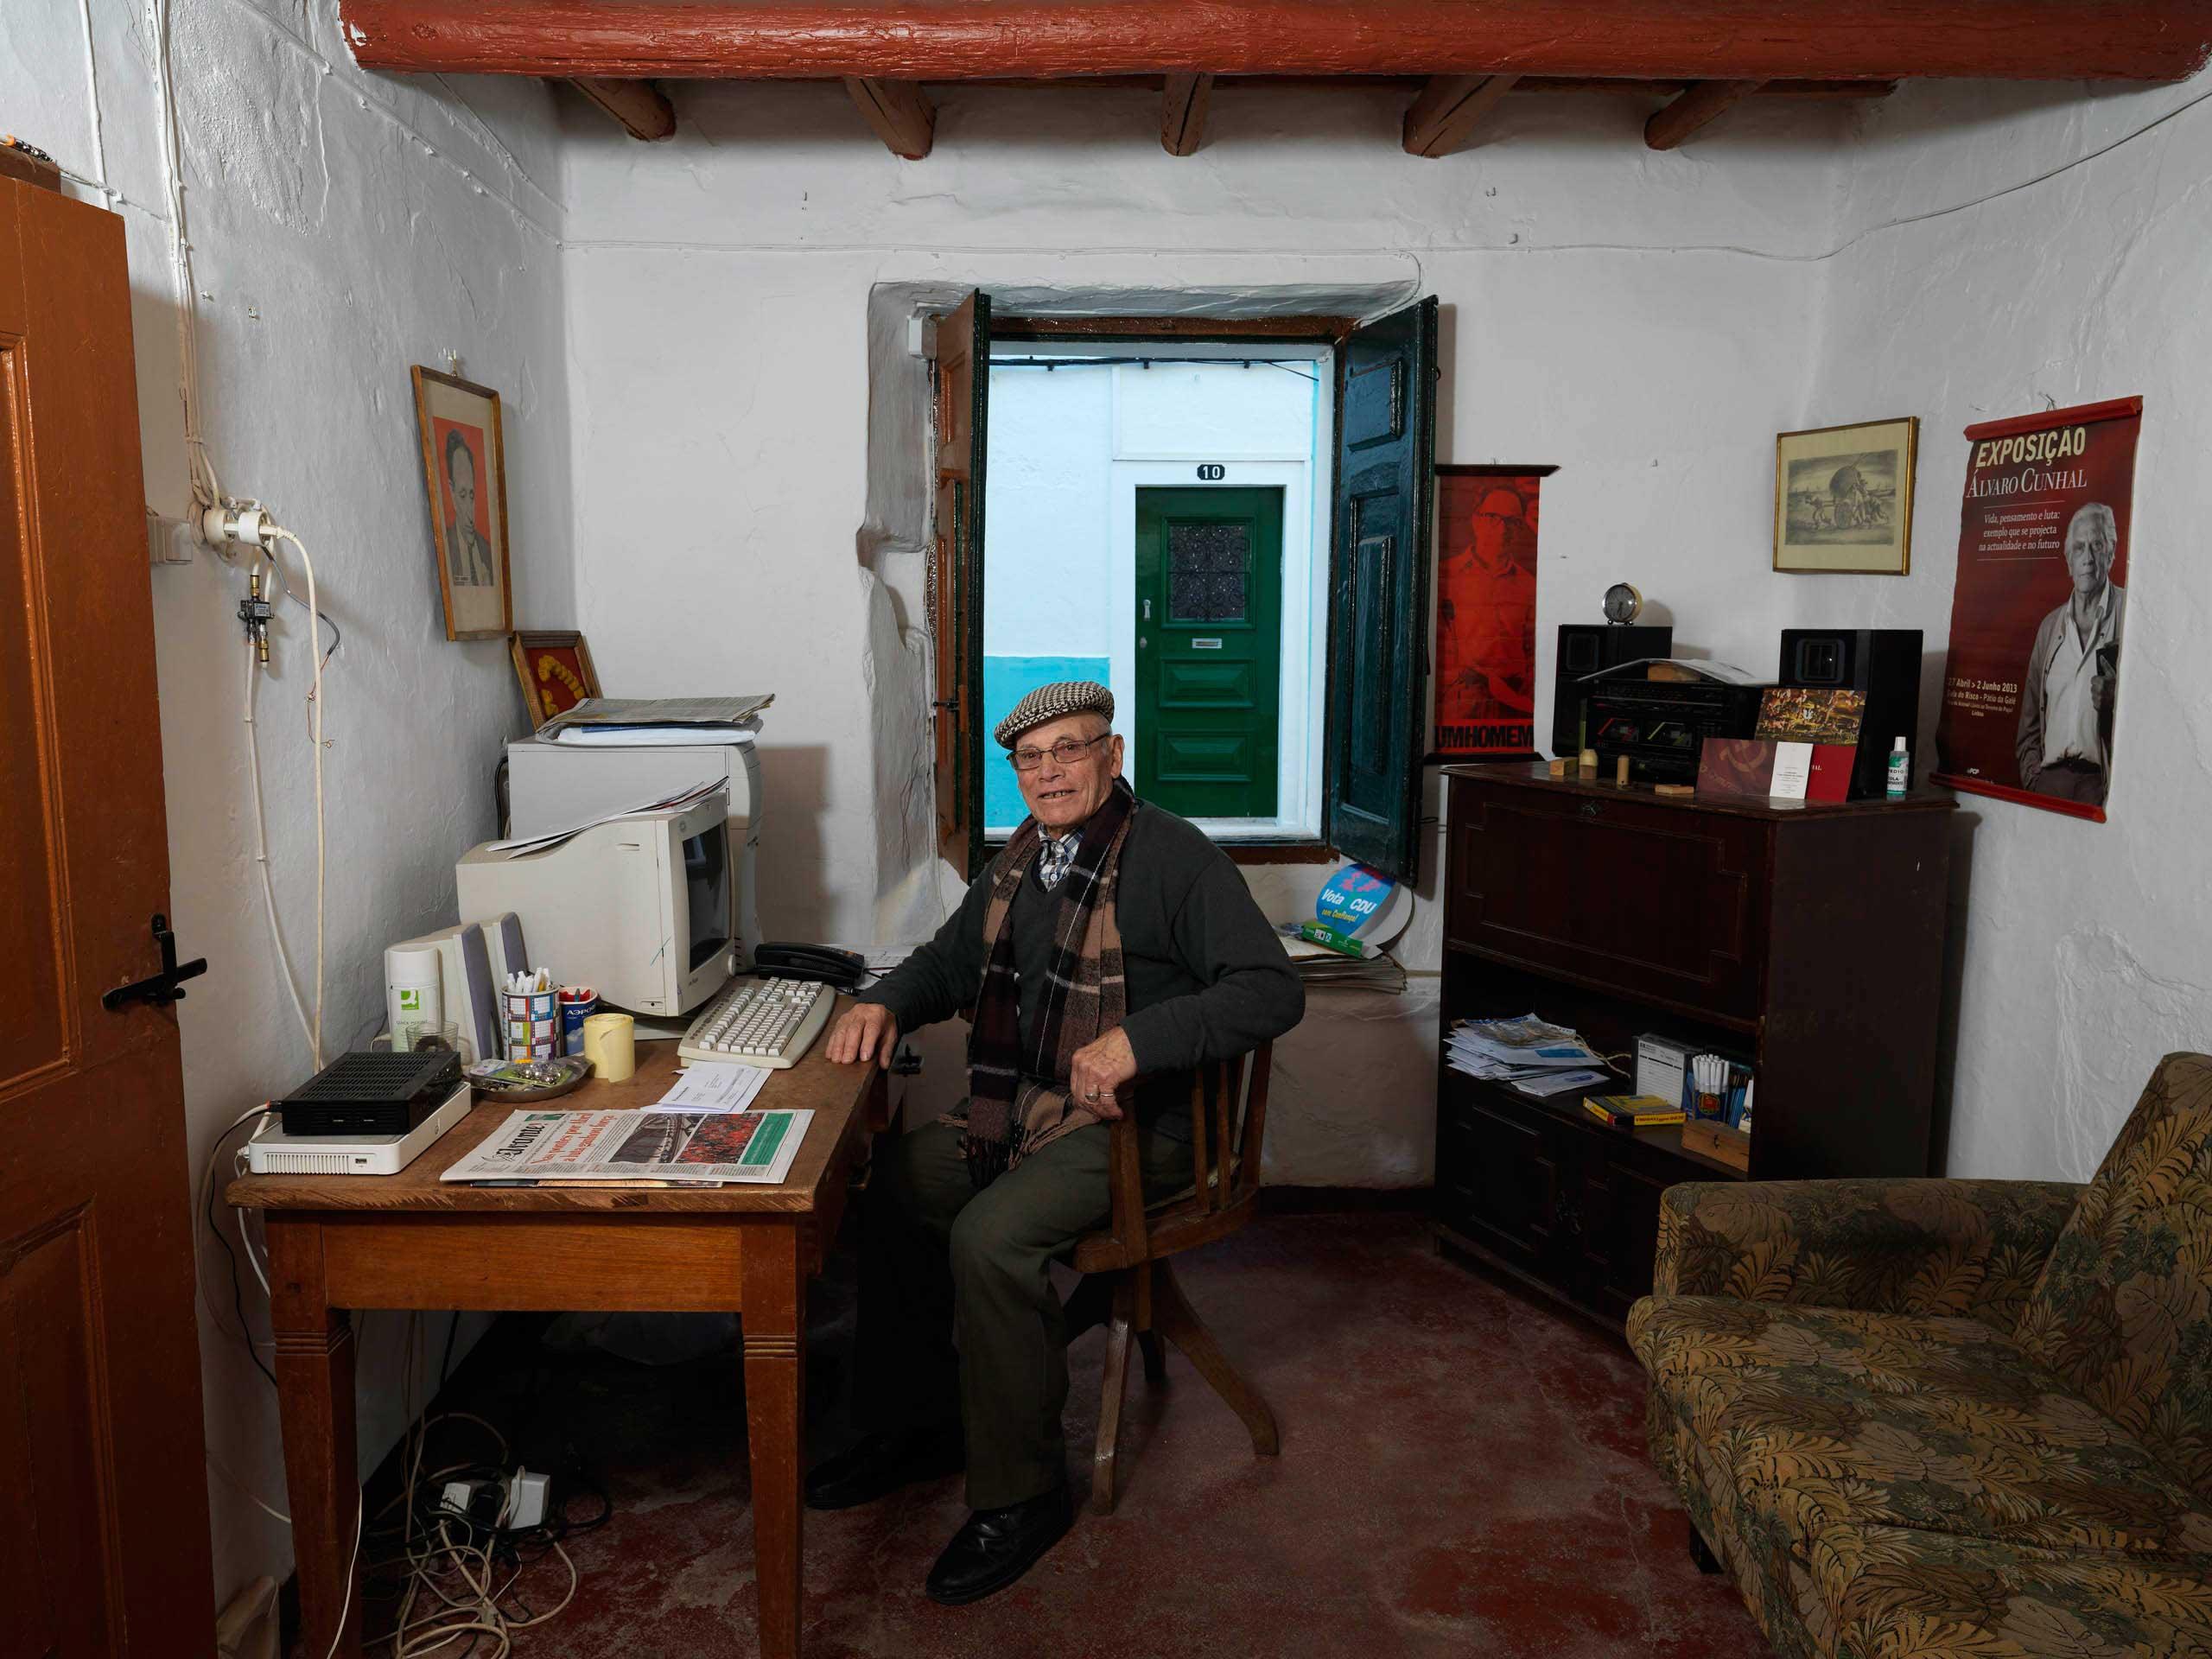 Portuguese Communist Party (PCP) militant Rodrigo Jose de Silva in the PCP office in Borba, Portugal.